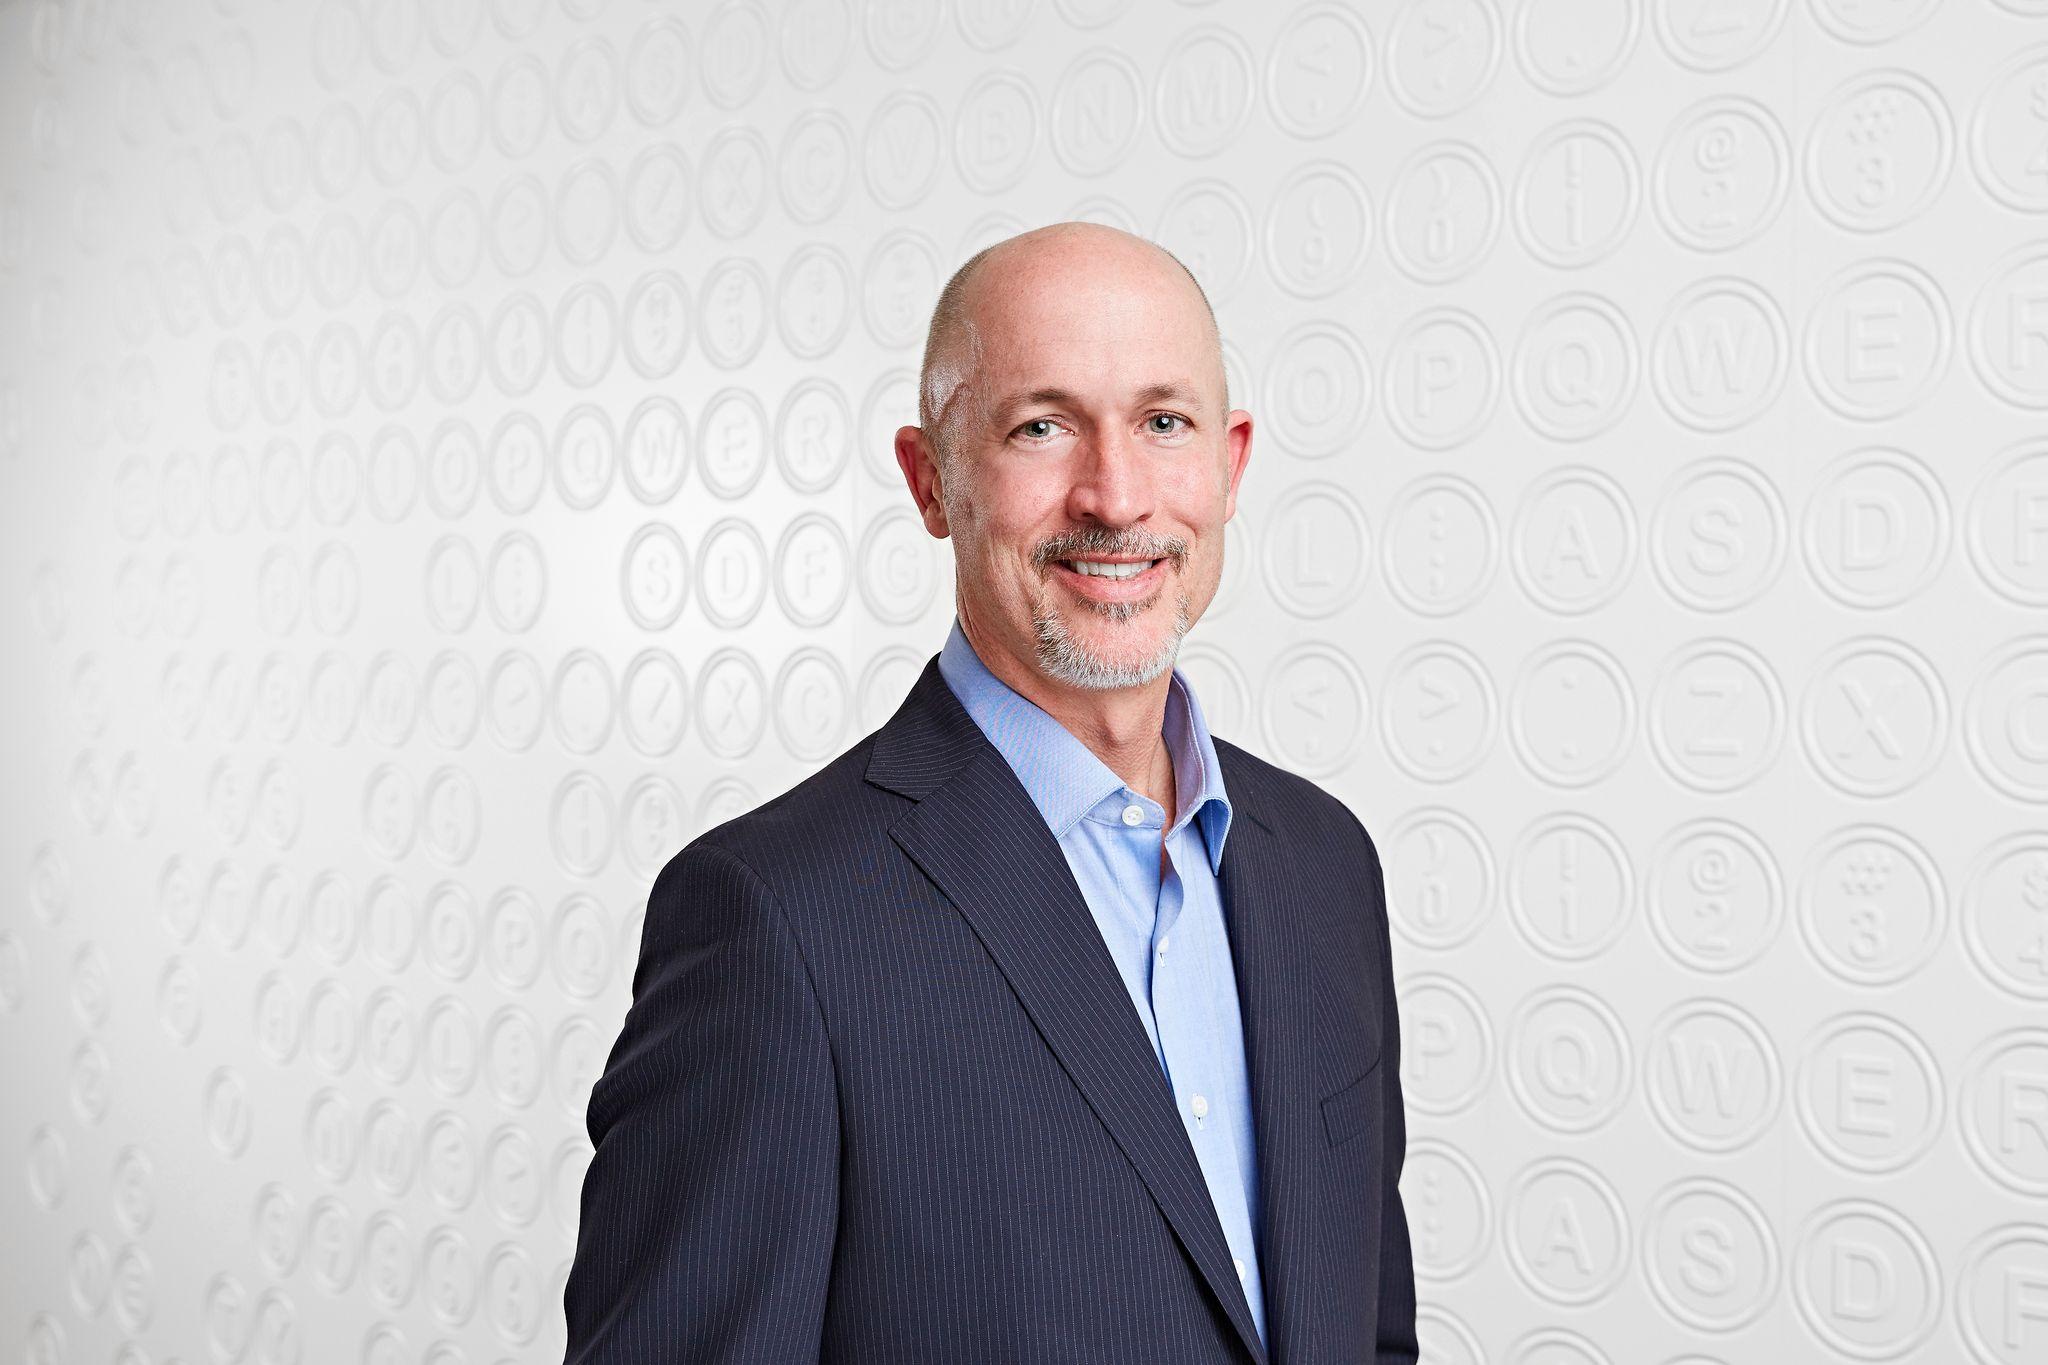 Eric Stumberg